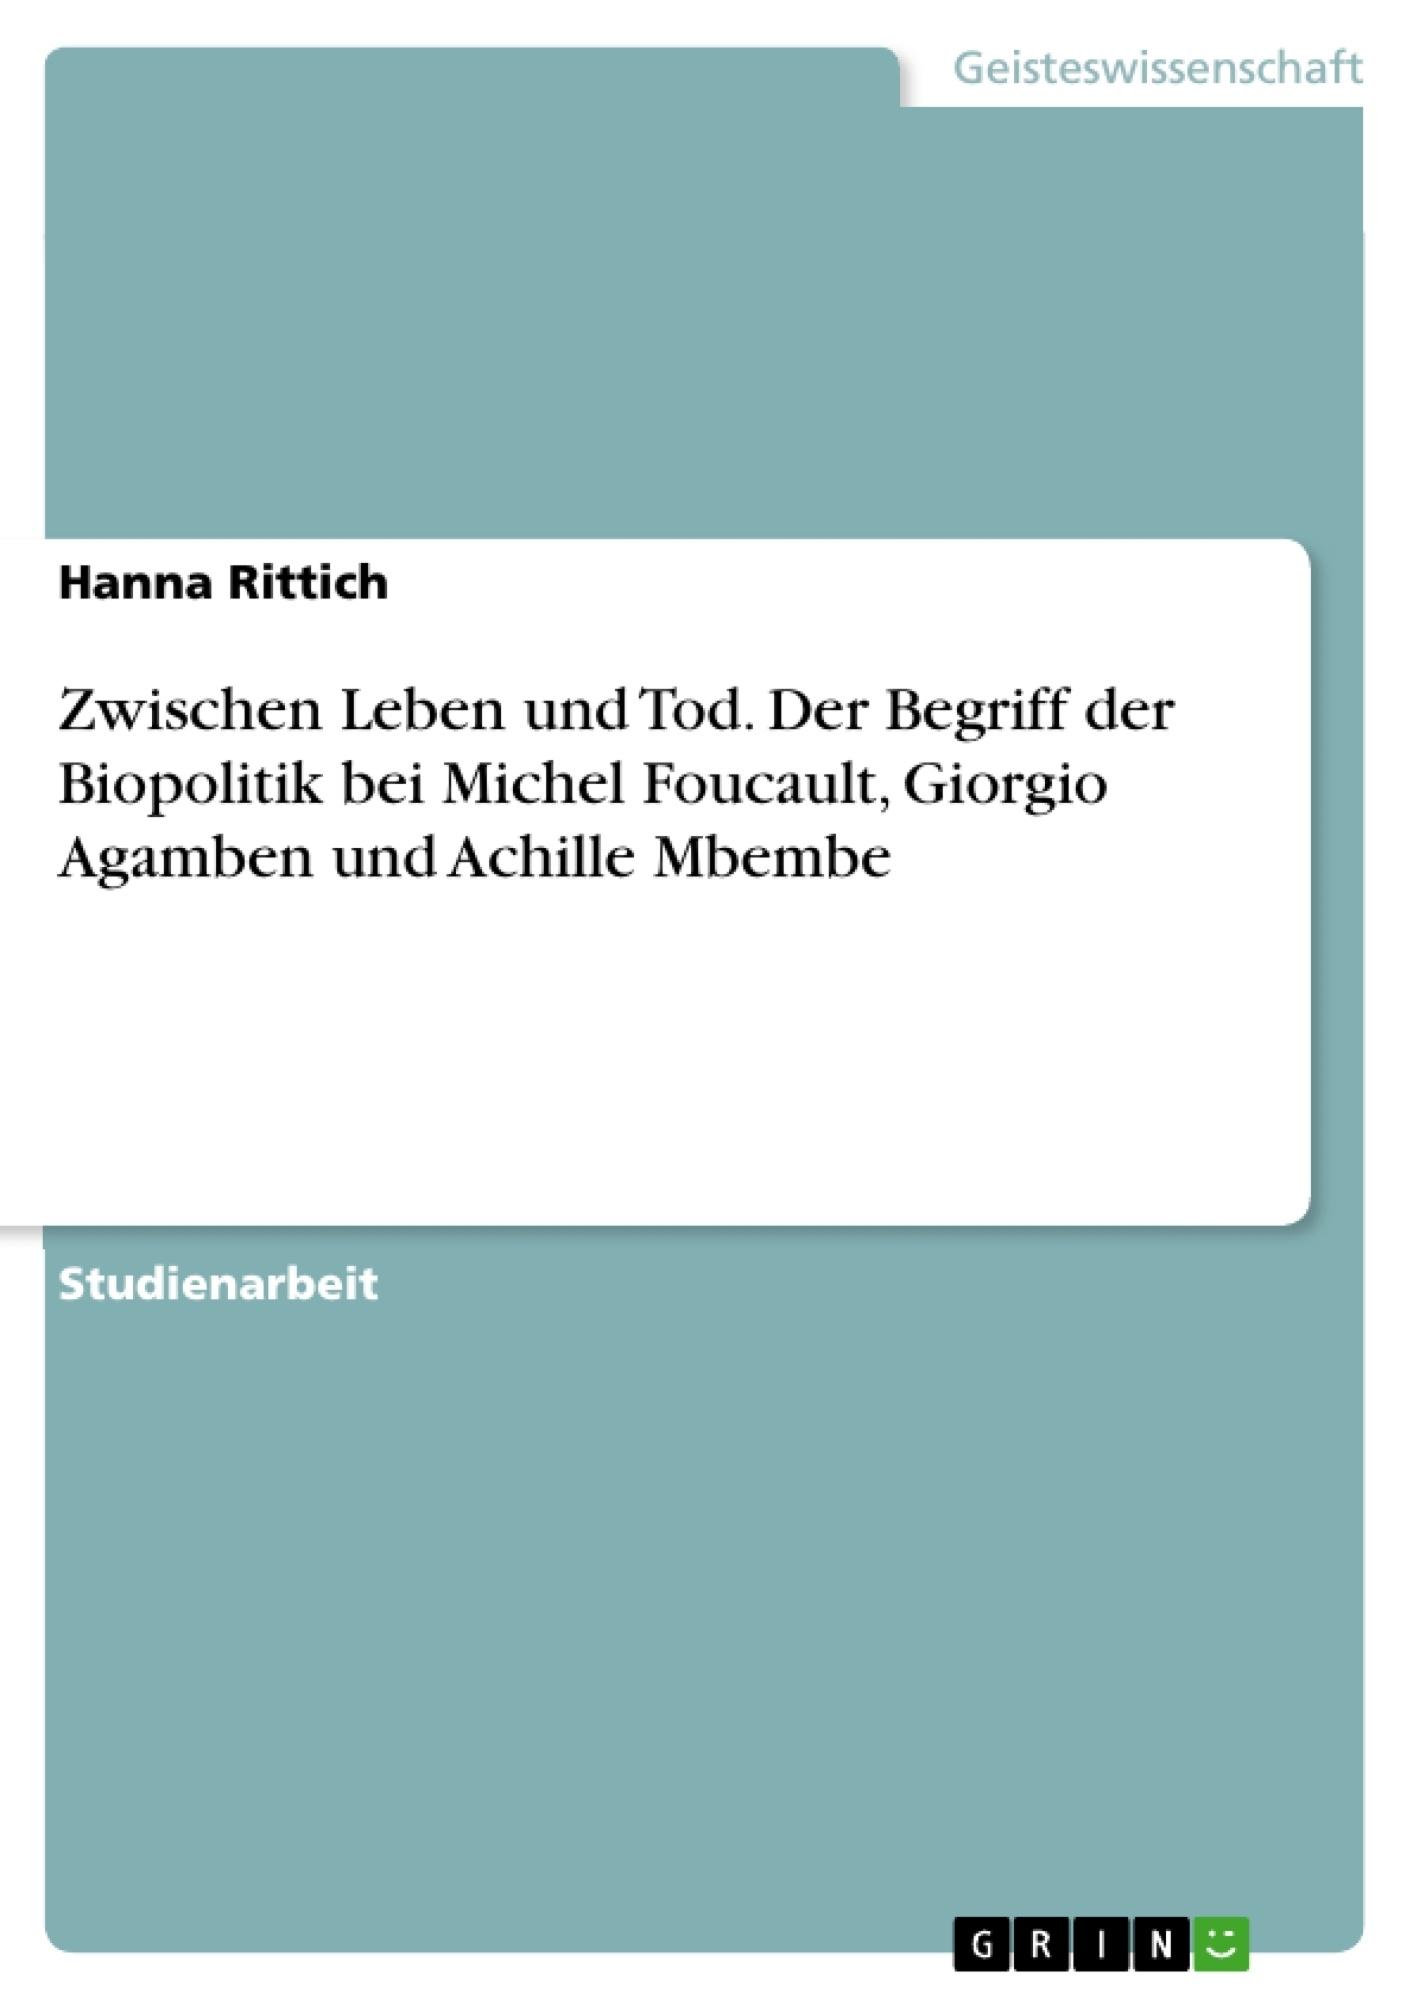 Titel: Zwischen Leben und Tod. Der Begriff der Biopolitik bei Michel Foucault, Giorgio Agamben und Achille Mbembe